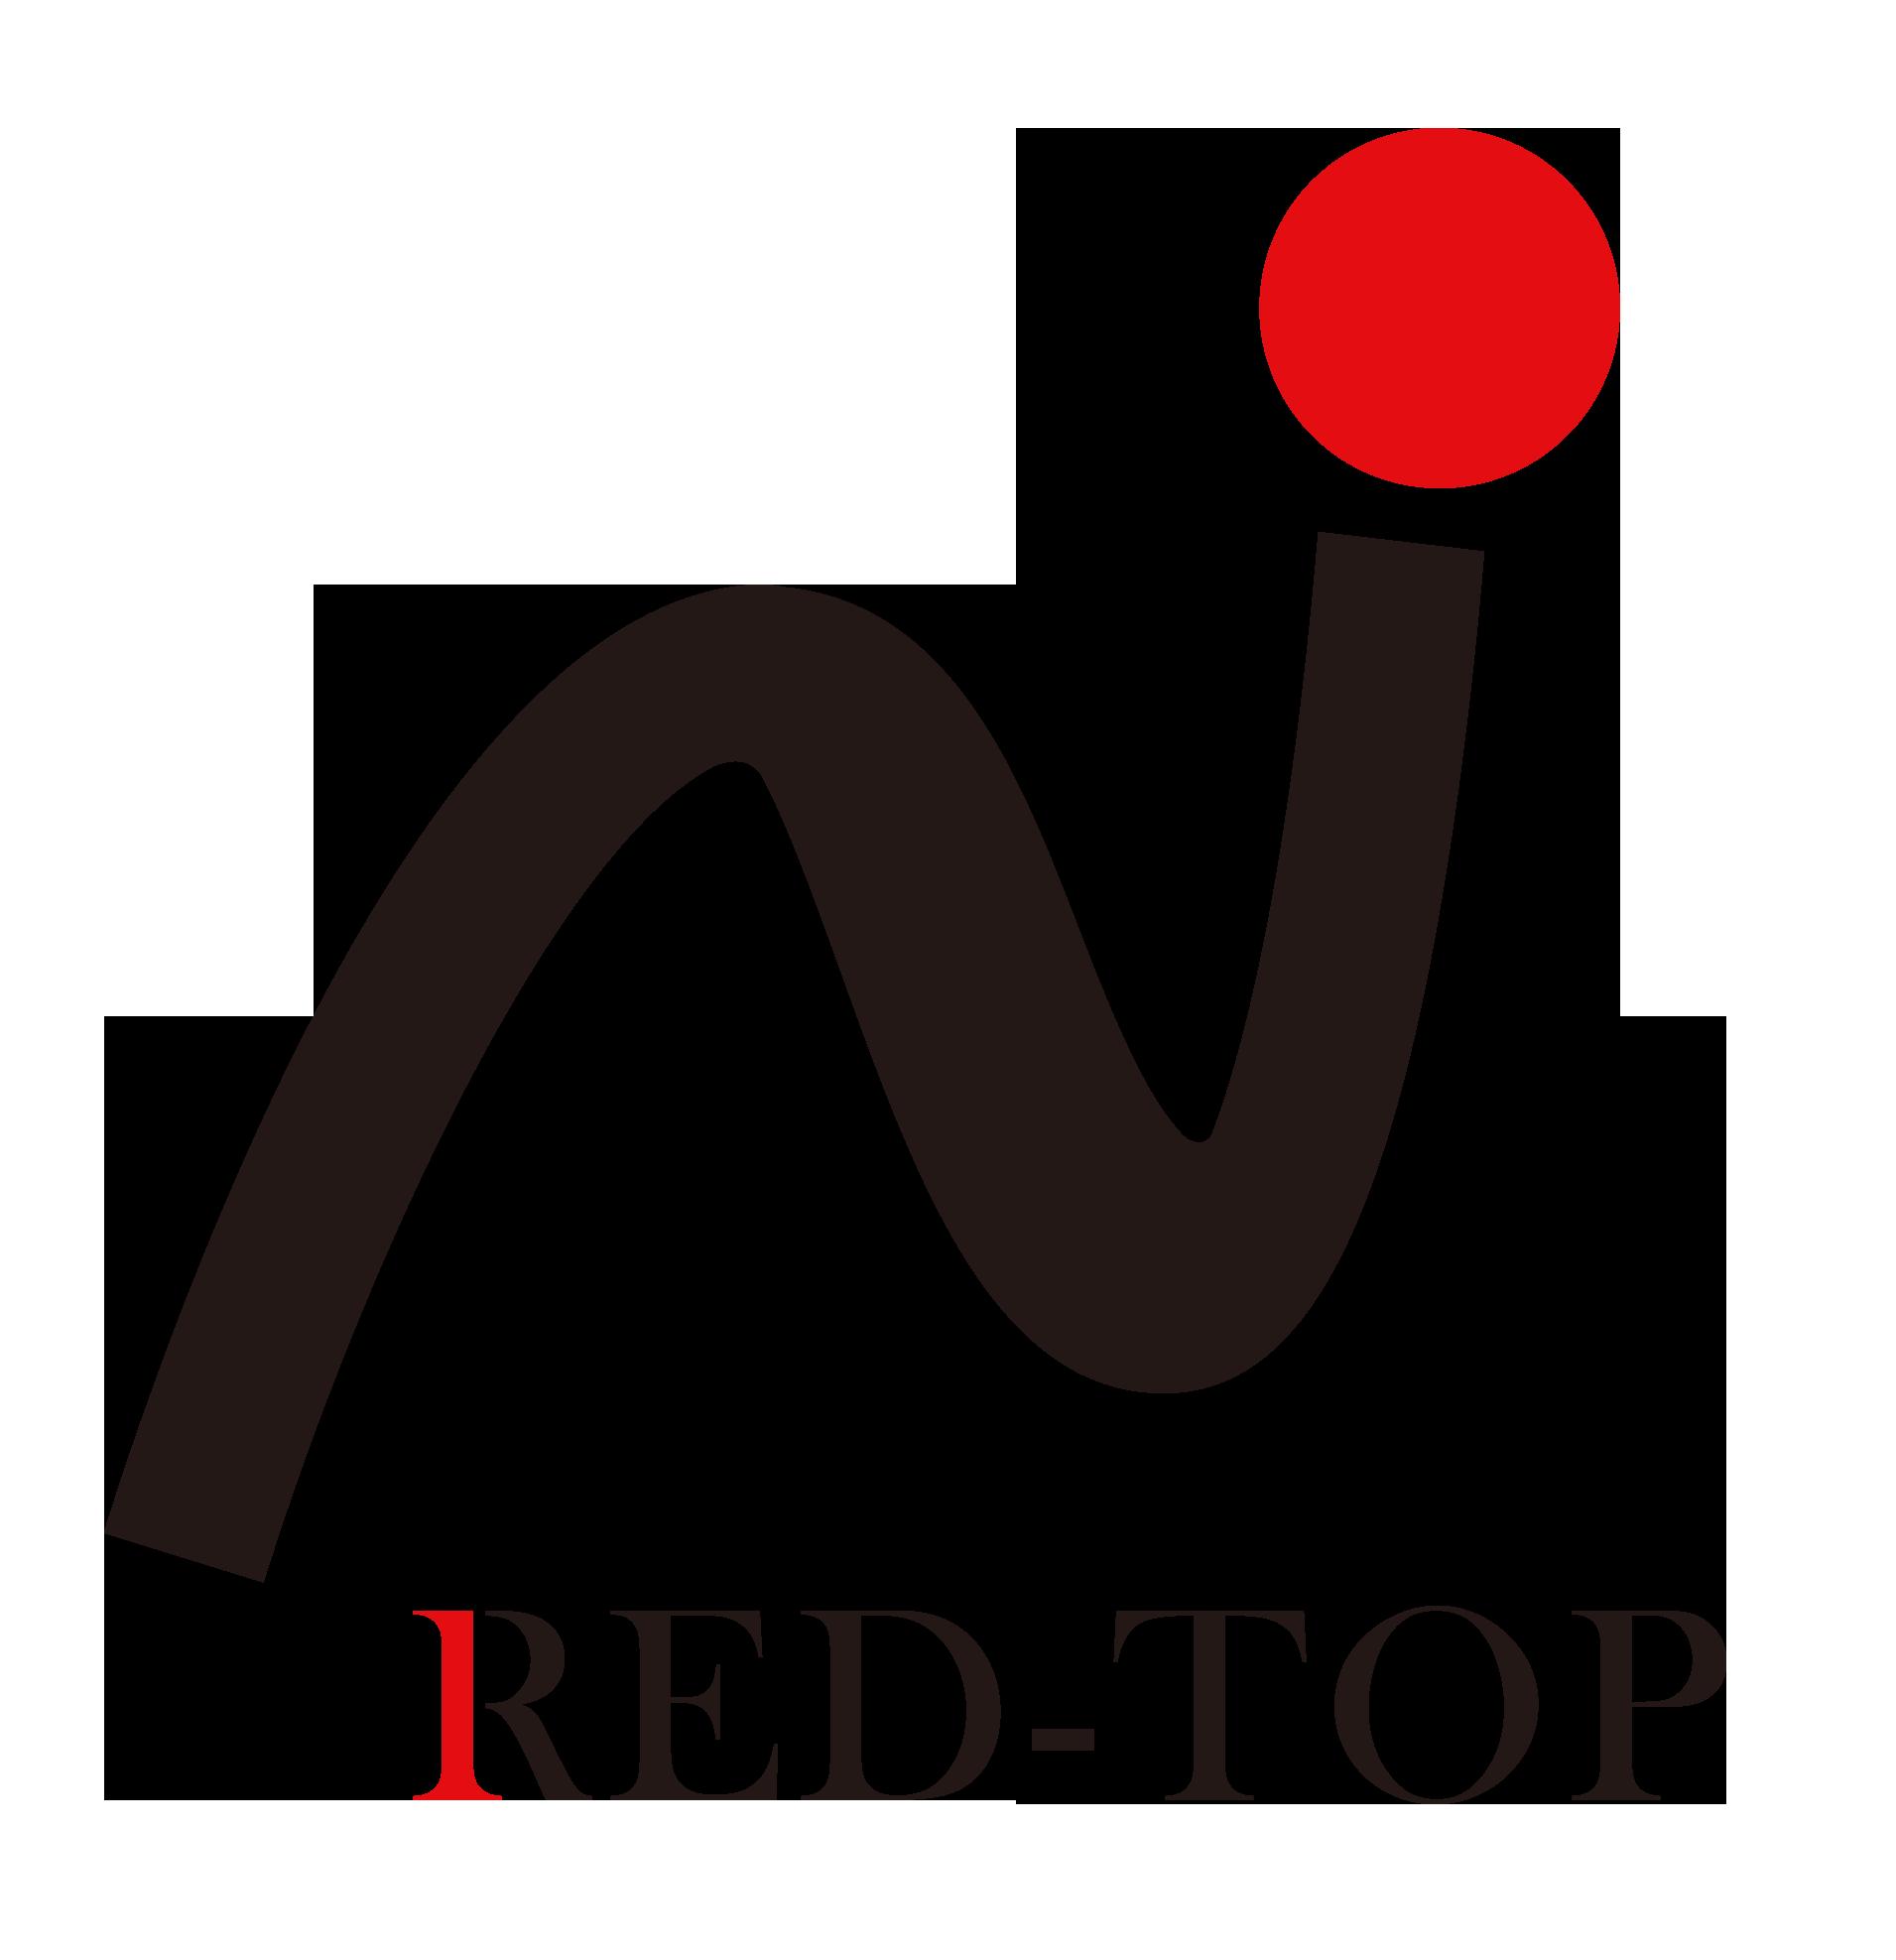 红顶奖组委会关于红顶奖奖项使用的严正声明